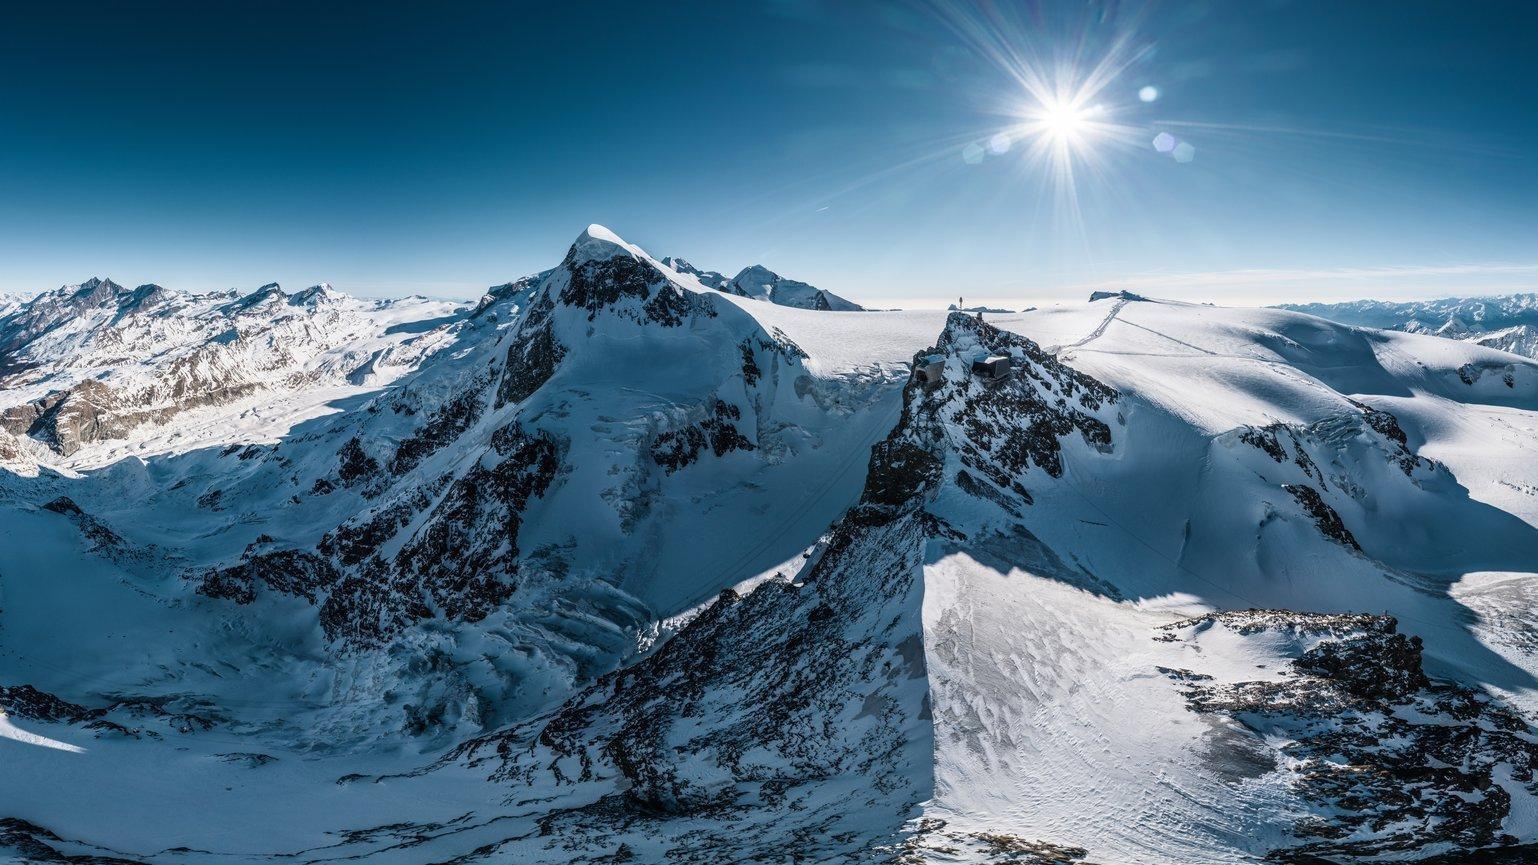 La Credenza San Maurizio Menu : Einzelfahrten nach matterhorn glacier paradise online kaufen